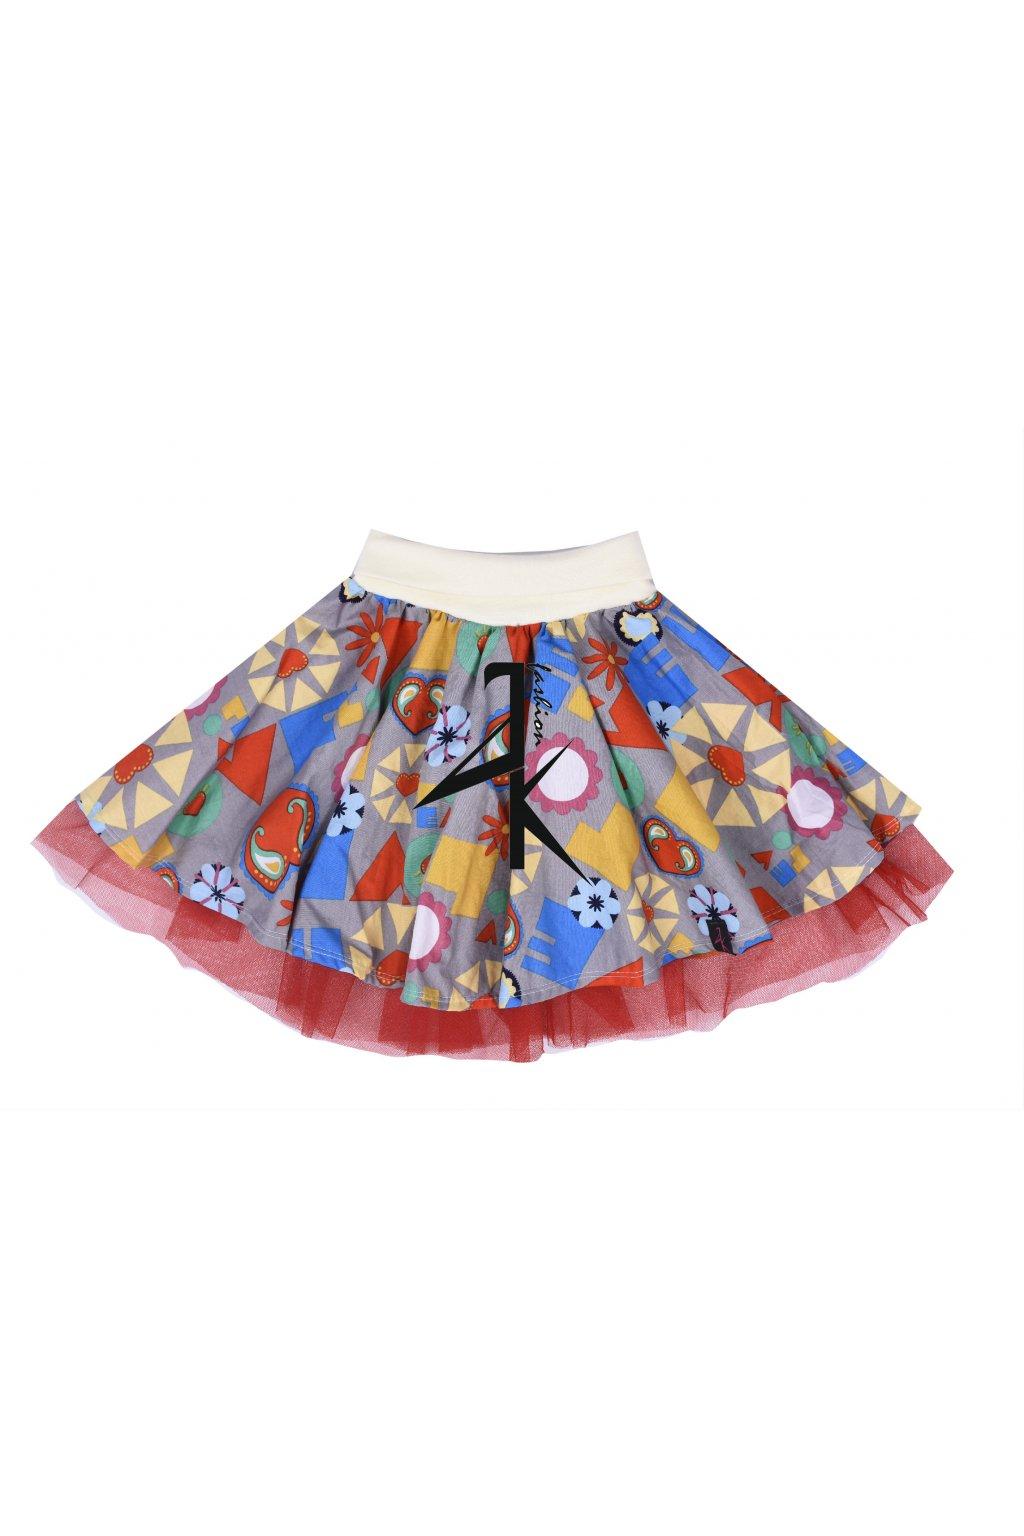 detske holka sukne tyl 3 5 let 11104964